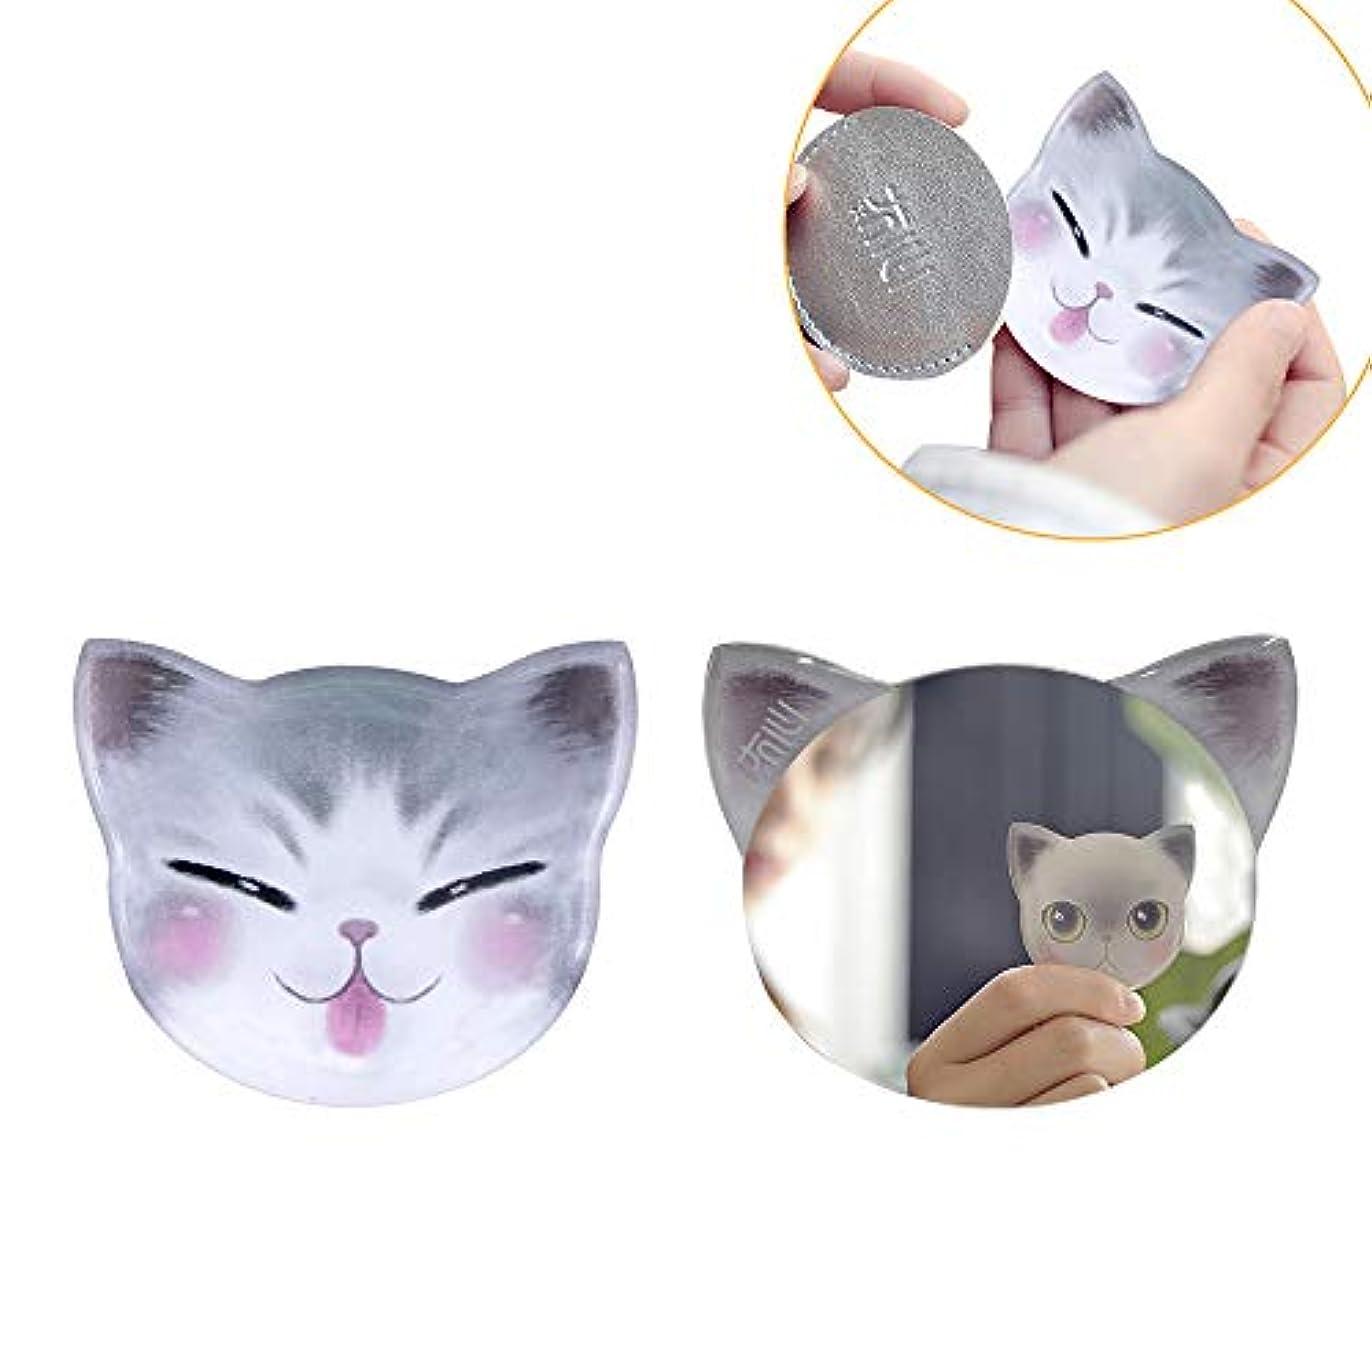 手書き実行する近代化手鏡 コンパクト iitrust 猫柄 8パタン 収納袋付き 割れない 鏡 おしゃれ コンパクトミラー ハンドミラー かわいい 手鏡 猫 手鏡 かわいい iitrust並行輸入品